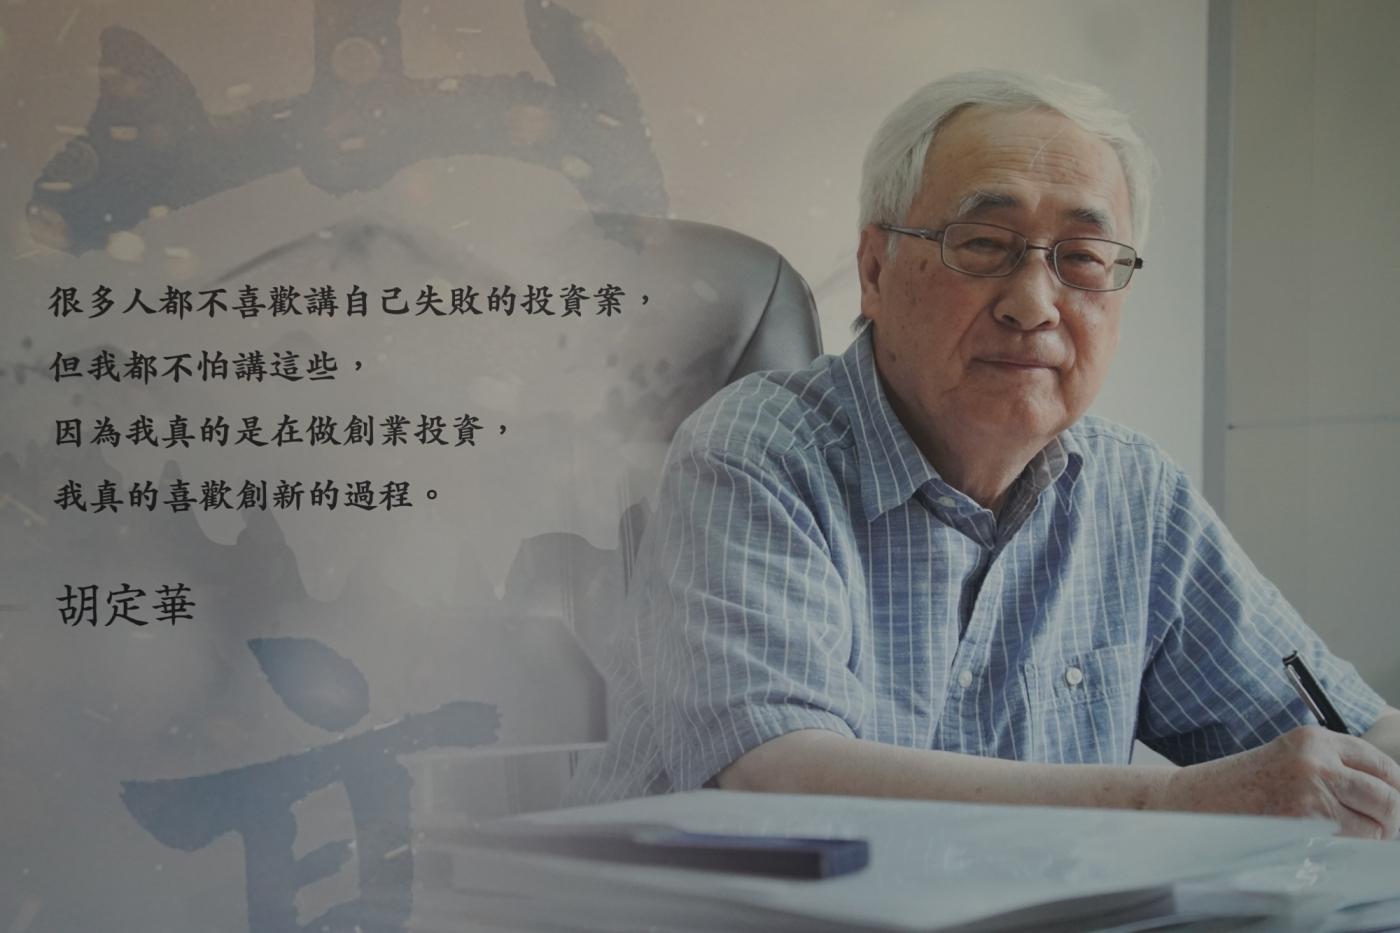 永別了!半導體先行者胡定華,宣明智:老師是最平凡的偉大